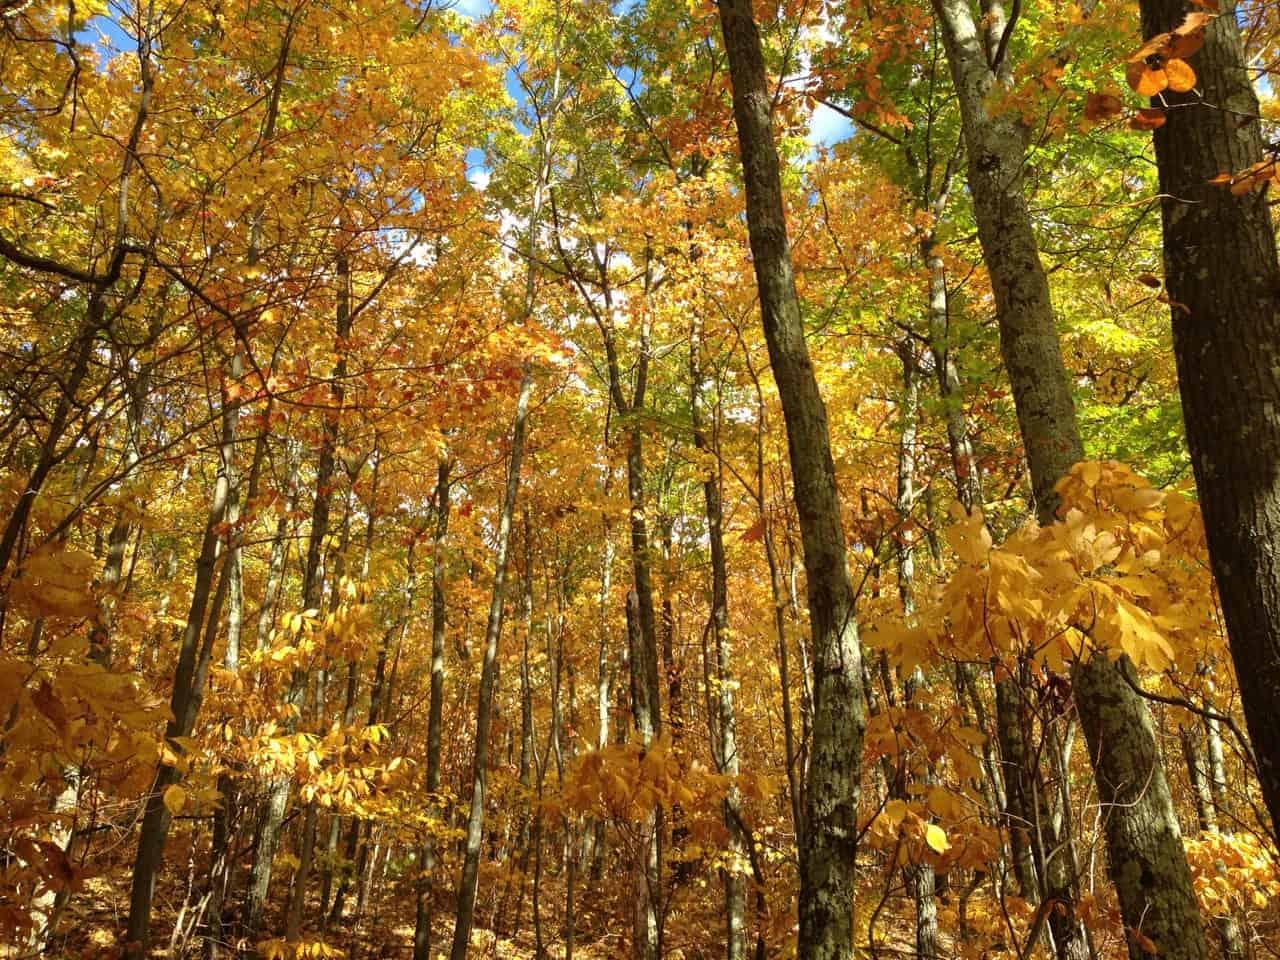 Sassafrass, maple, birch, beech and ash share an intense hue in the Berkshire woods. Photo by Kate Abbott